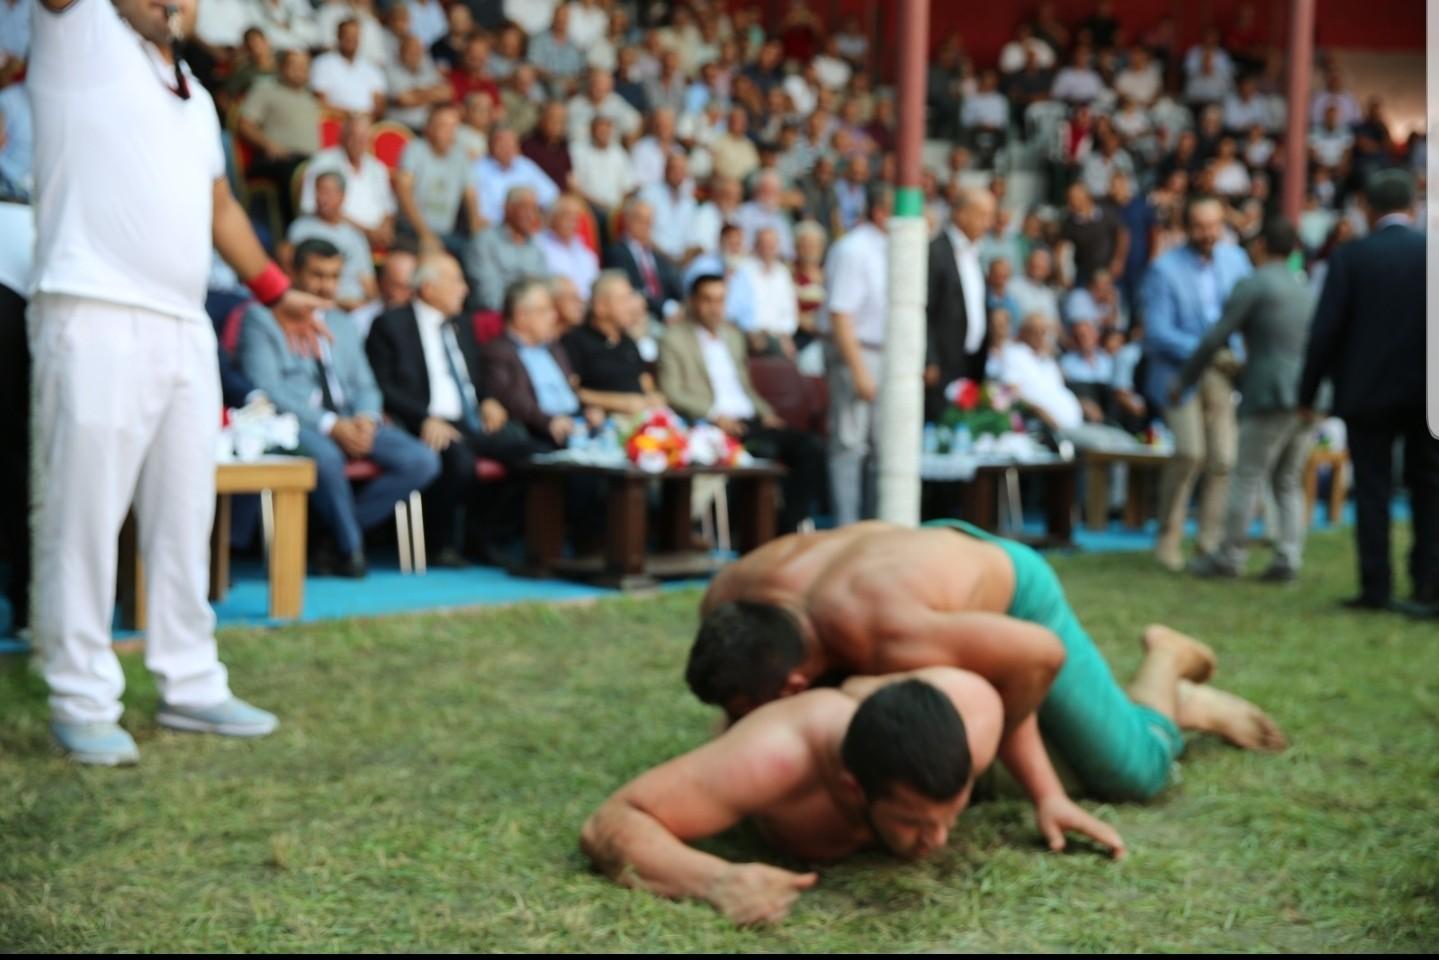 Afşin Güreş Festivali 21 Ağustos'ta başlıyor